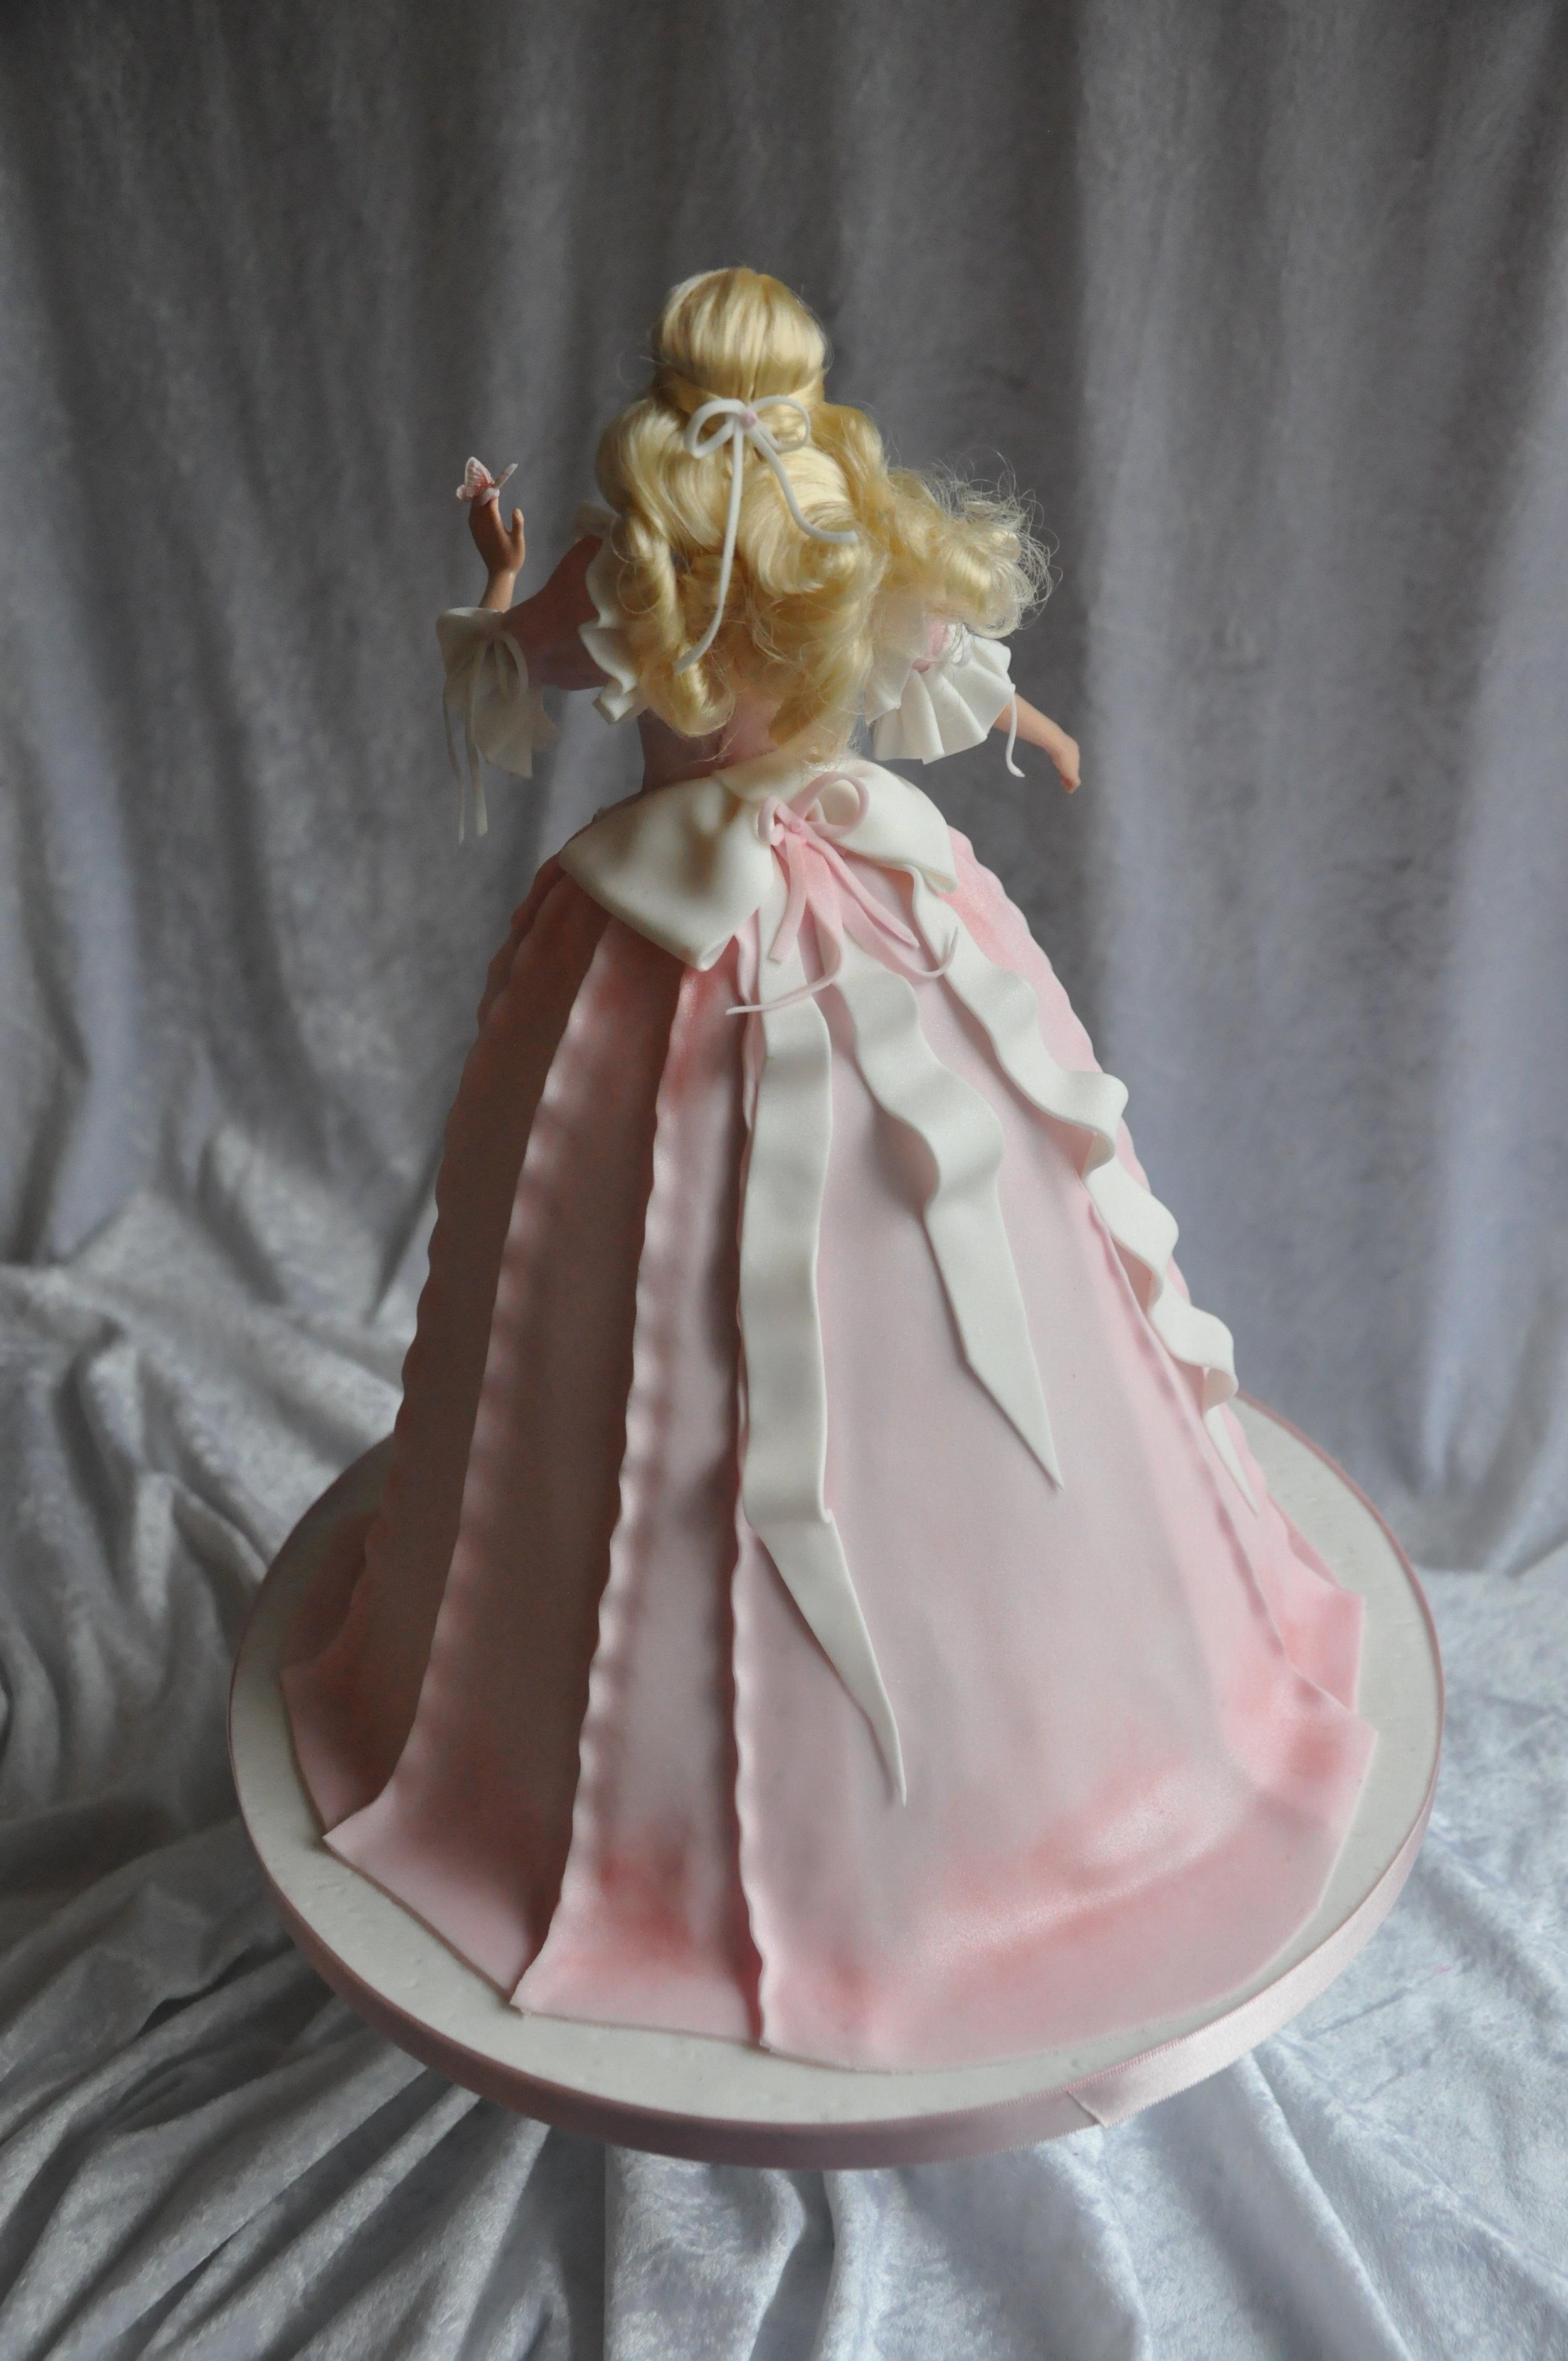 2014-03-29 Princess Barbie Birthday Cake 16.JPG